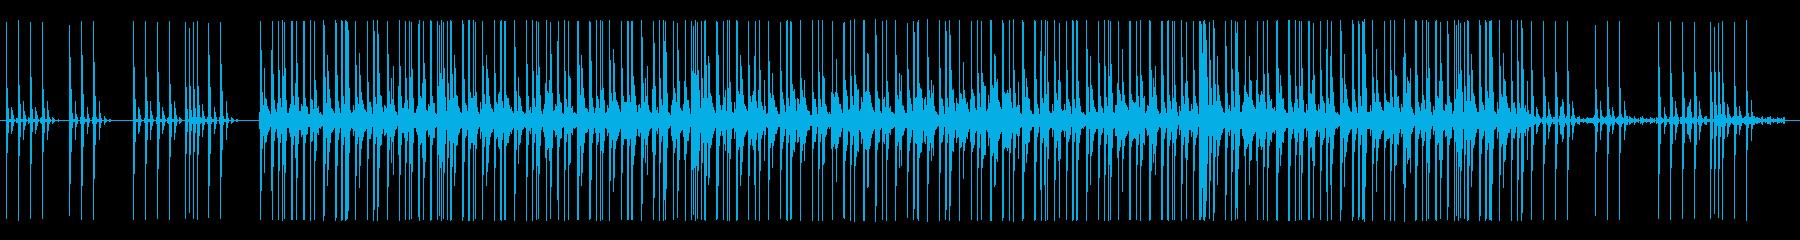 浮遊感と緊張感の漂うジャージーインストの再生済みの波形